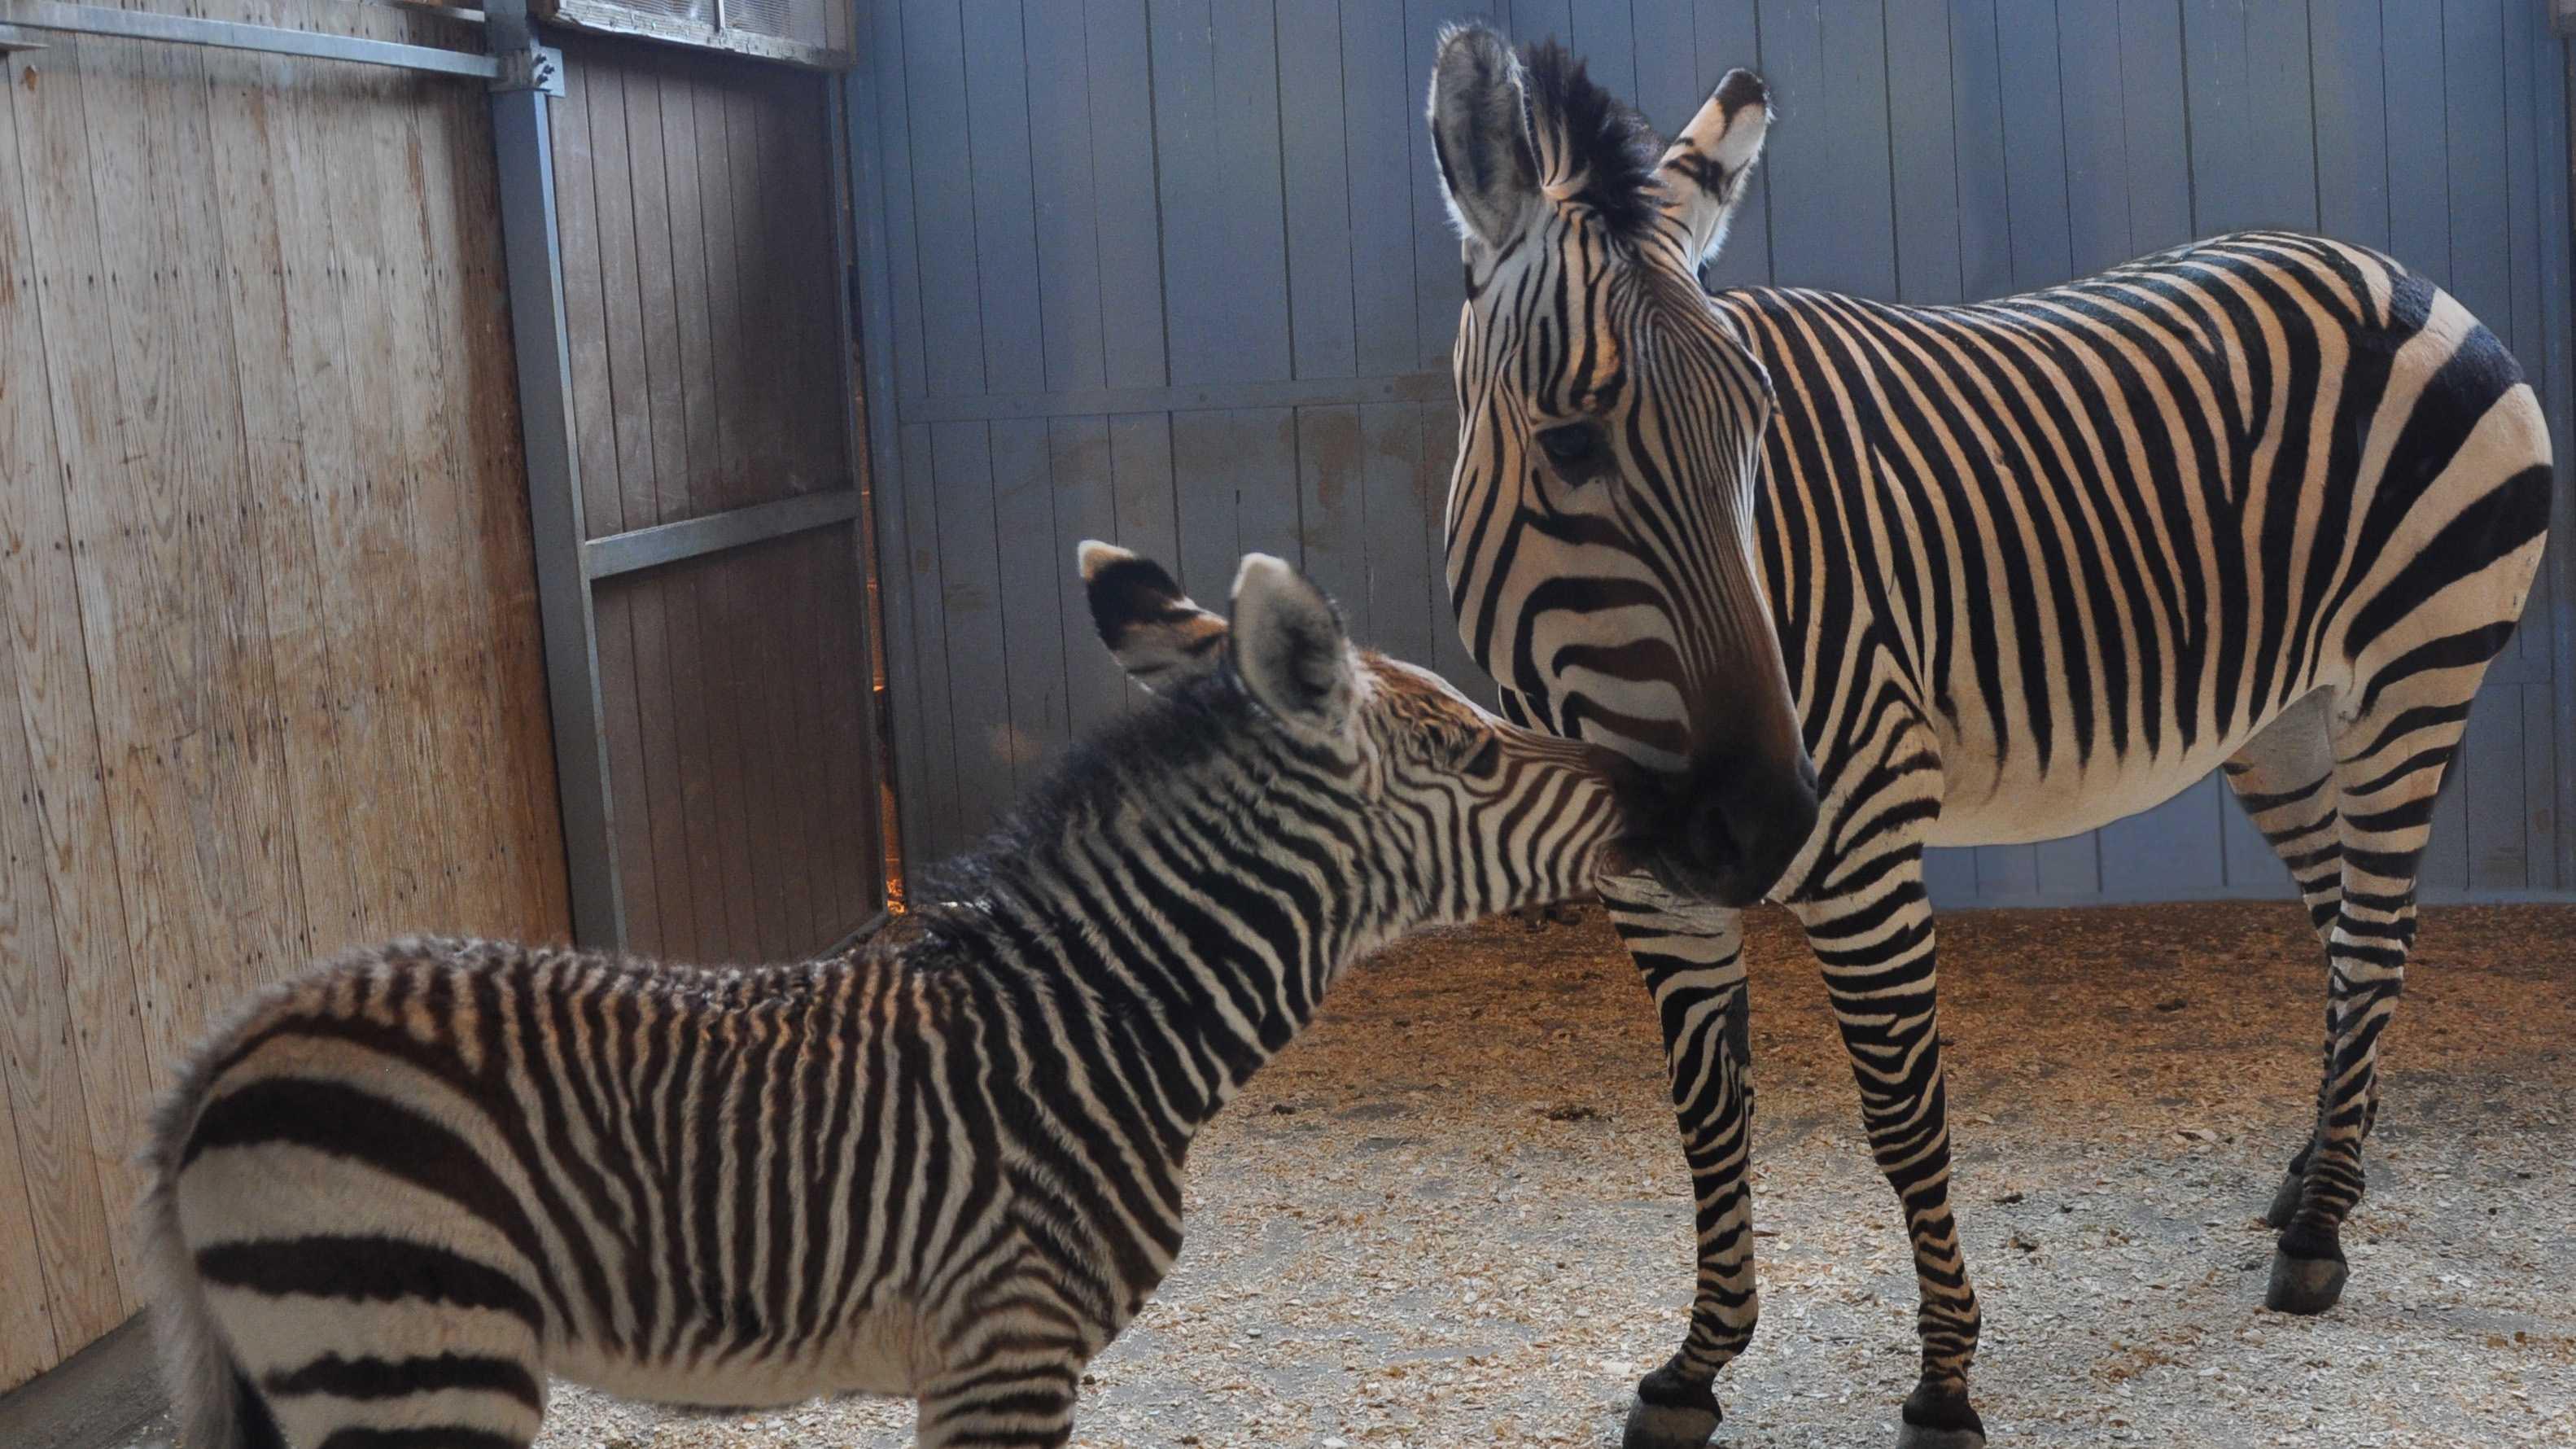 Zebra_new.jpg